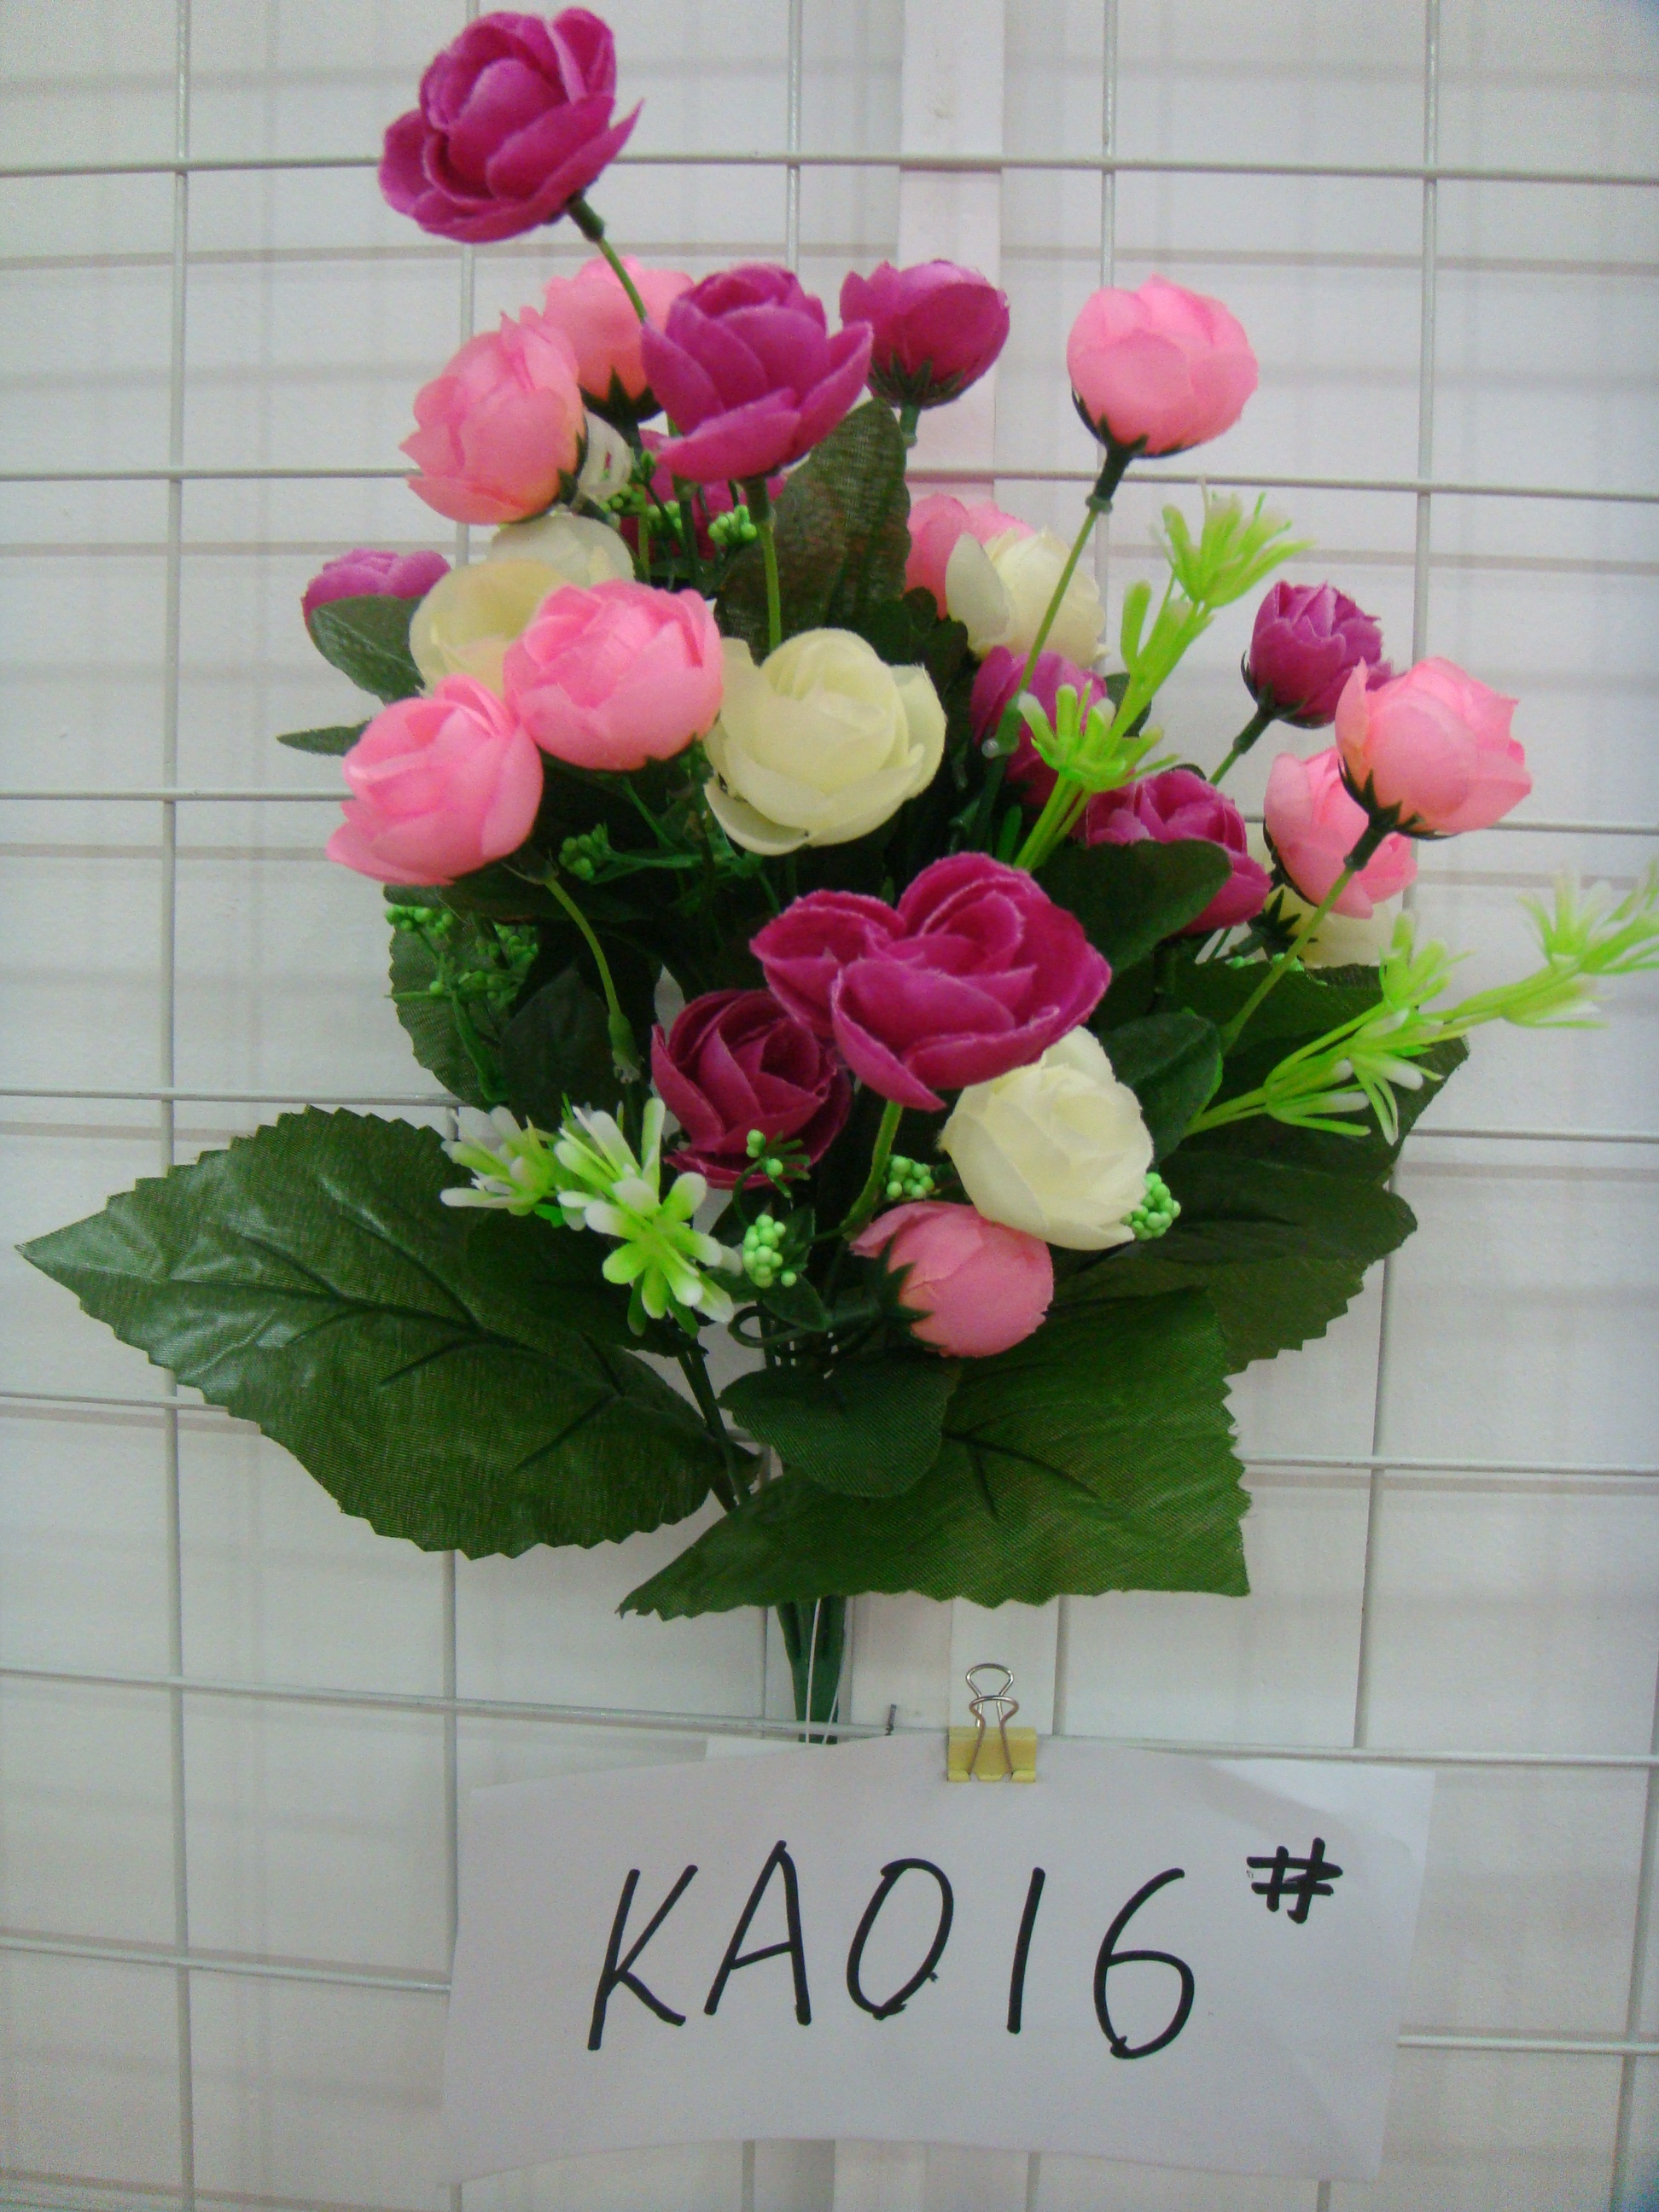 Купить цветы оптом укр уфа цветы на заказ